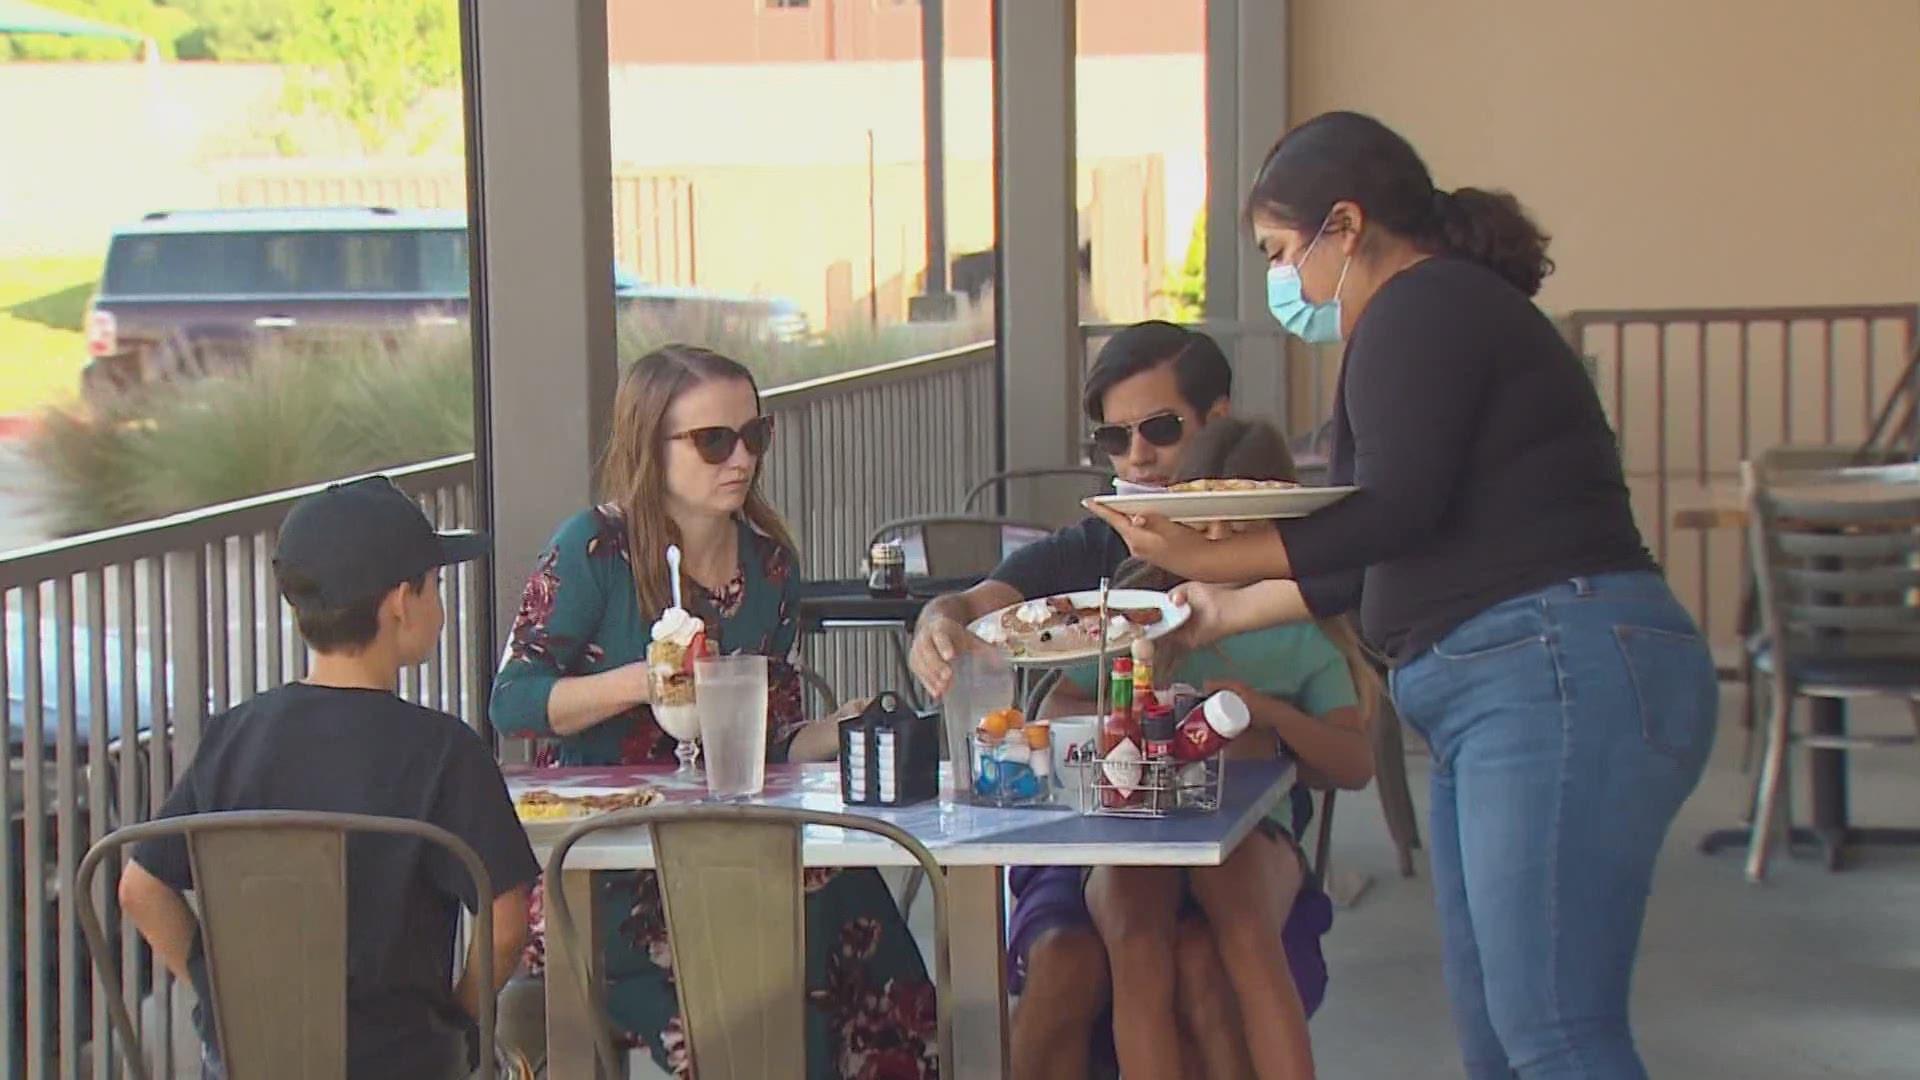 KLIF Morning News: Restaurants' Response to Texas Reopening